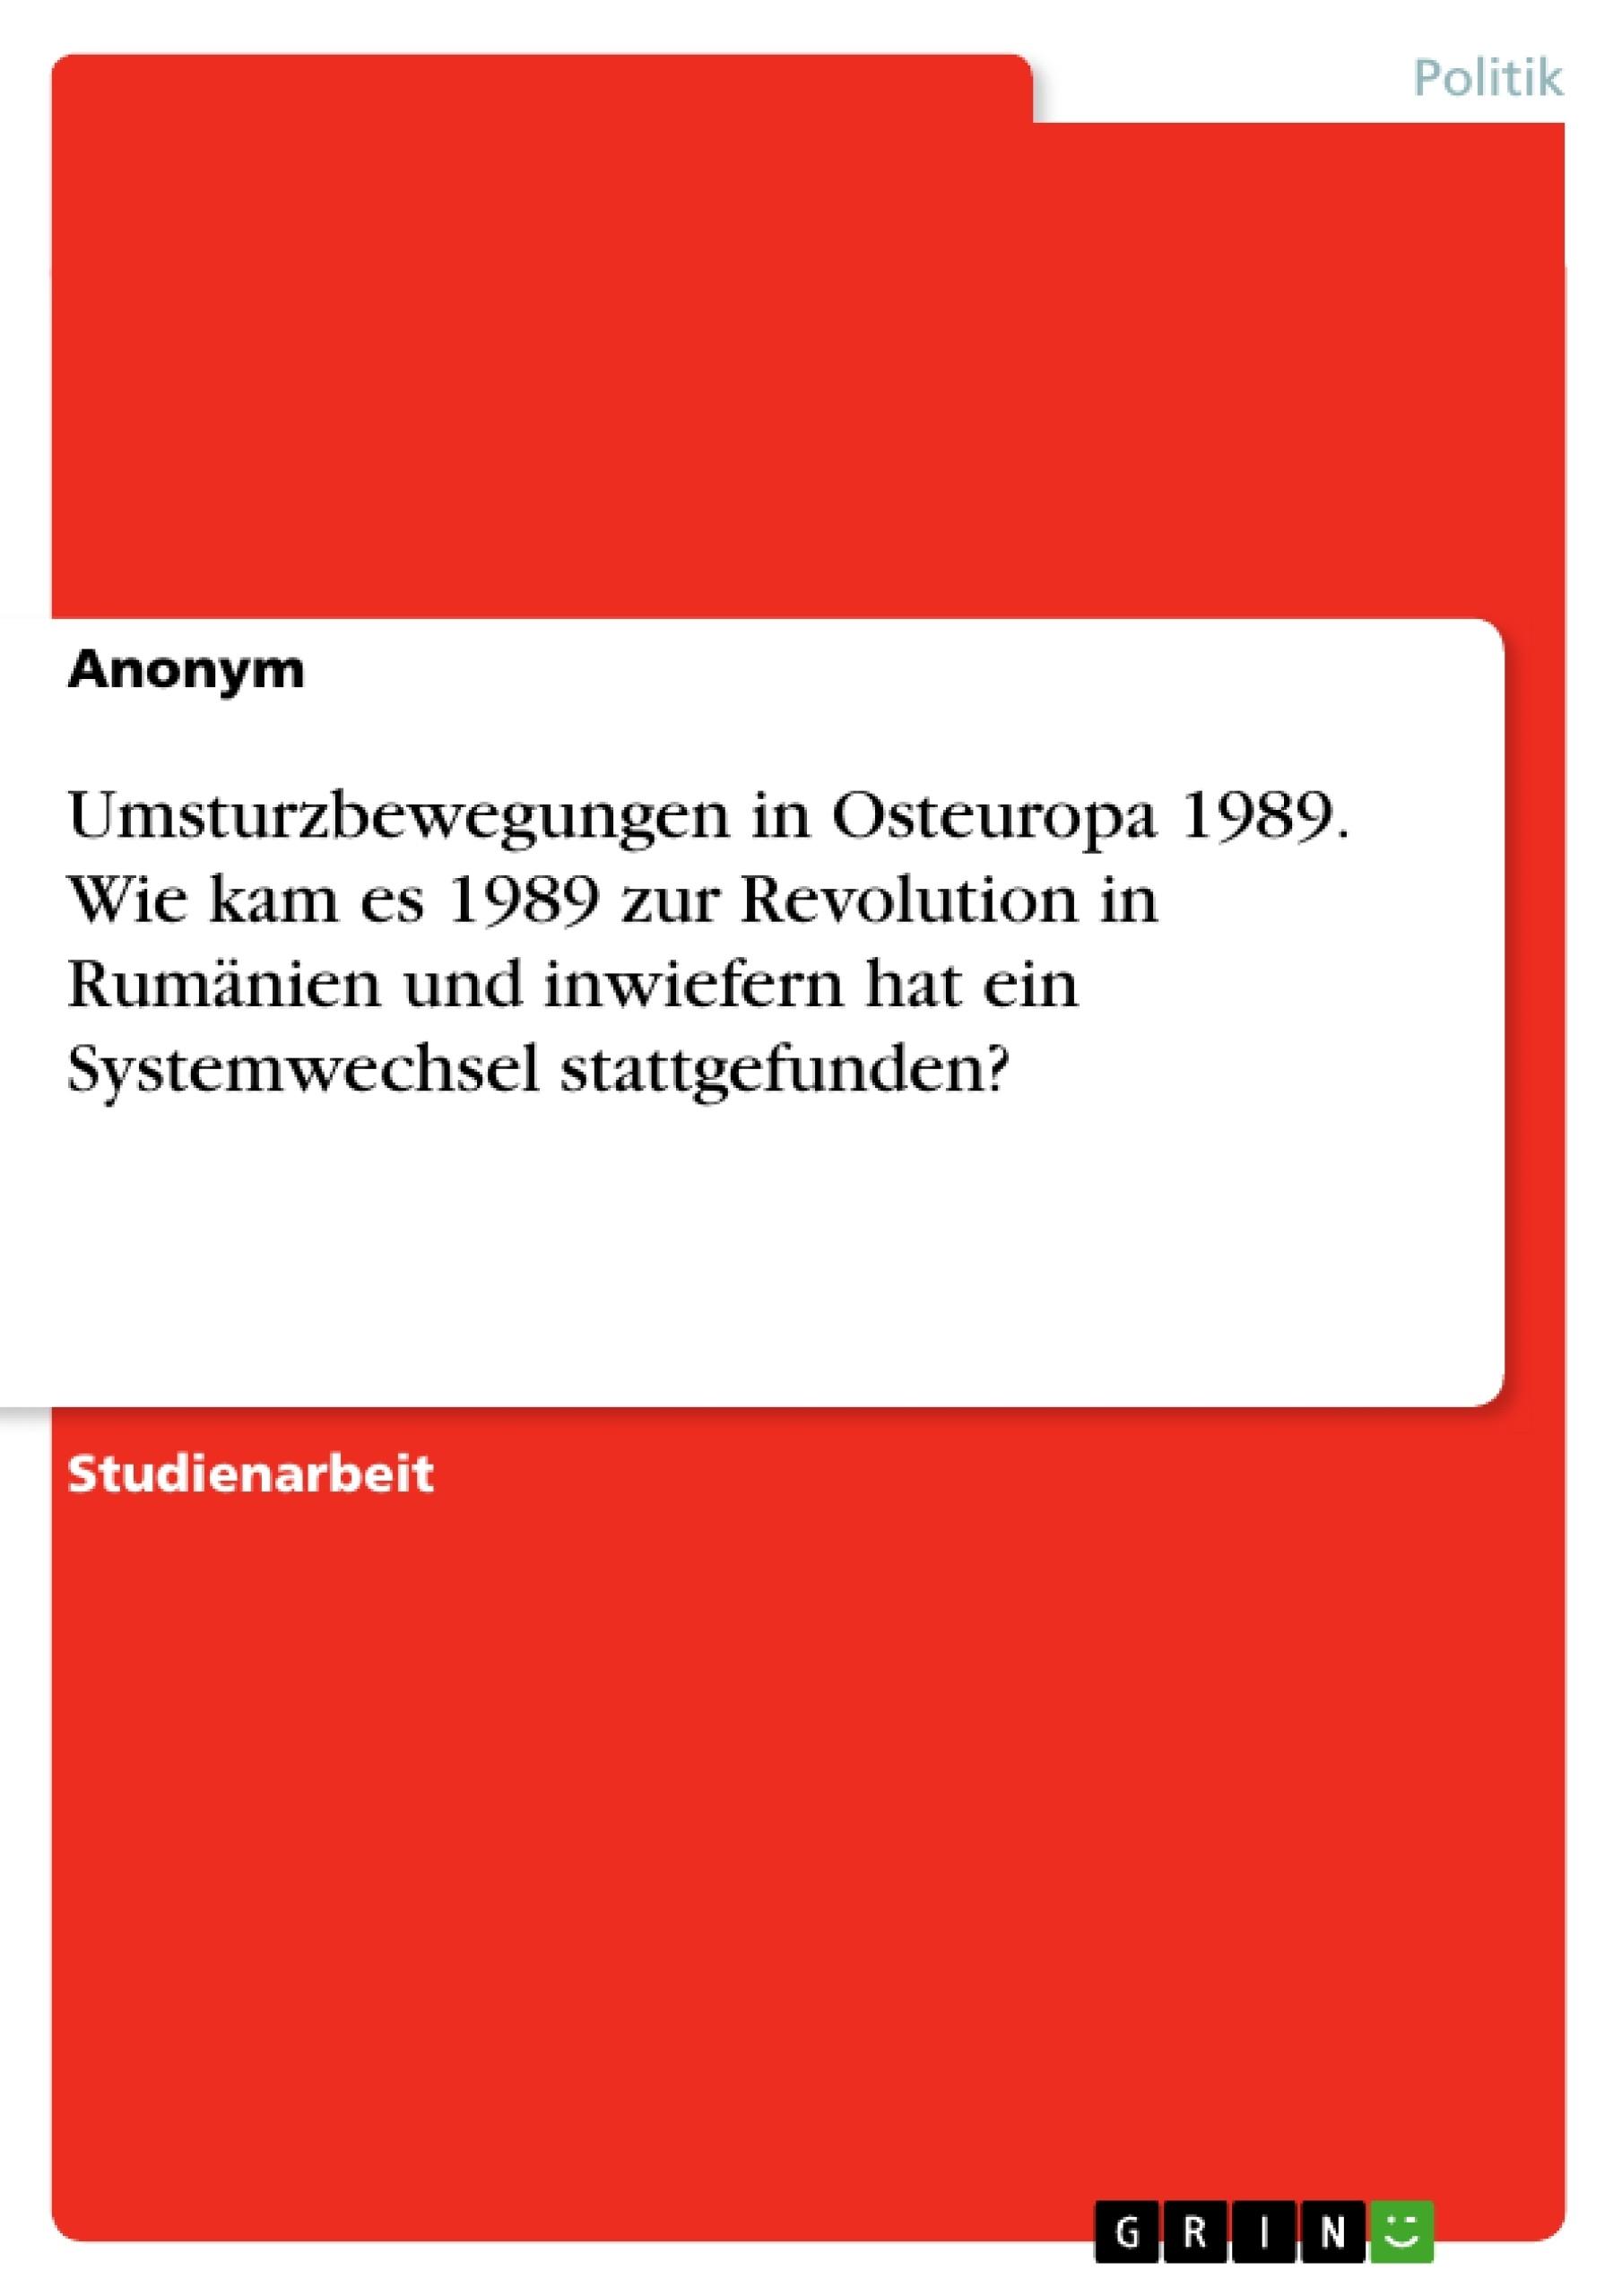 Titel: Umsturzbewegungen in Osteuropa 1989. Wie kam es 1989 zur Revolution in Rumänien und inwiefern hat ein Systemwechsel stattgefunden?